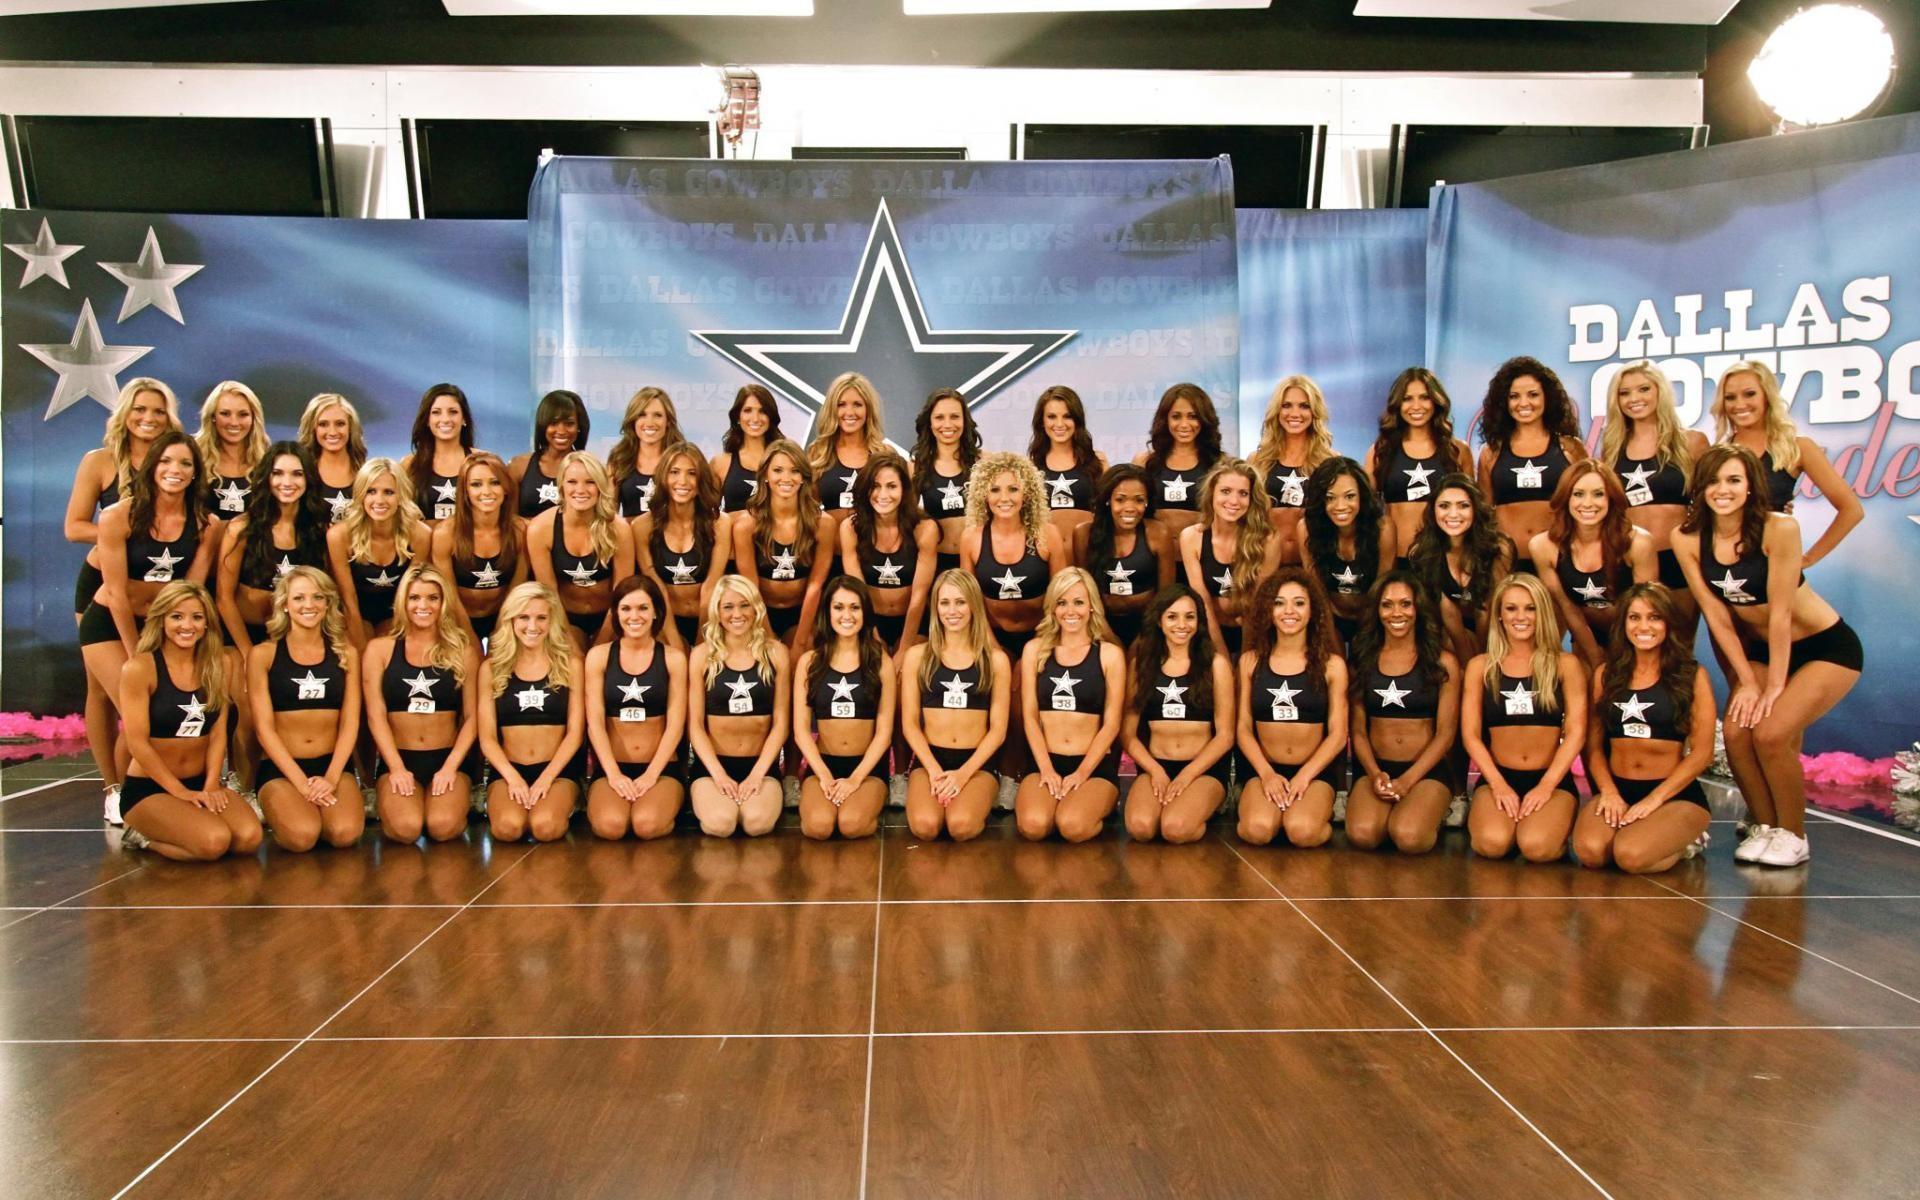 Dallas Cowboys Cheerleaders Wallpaper